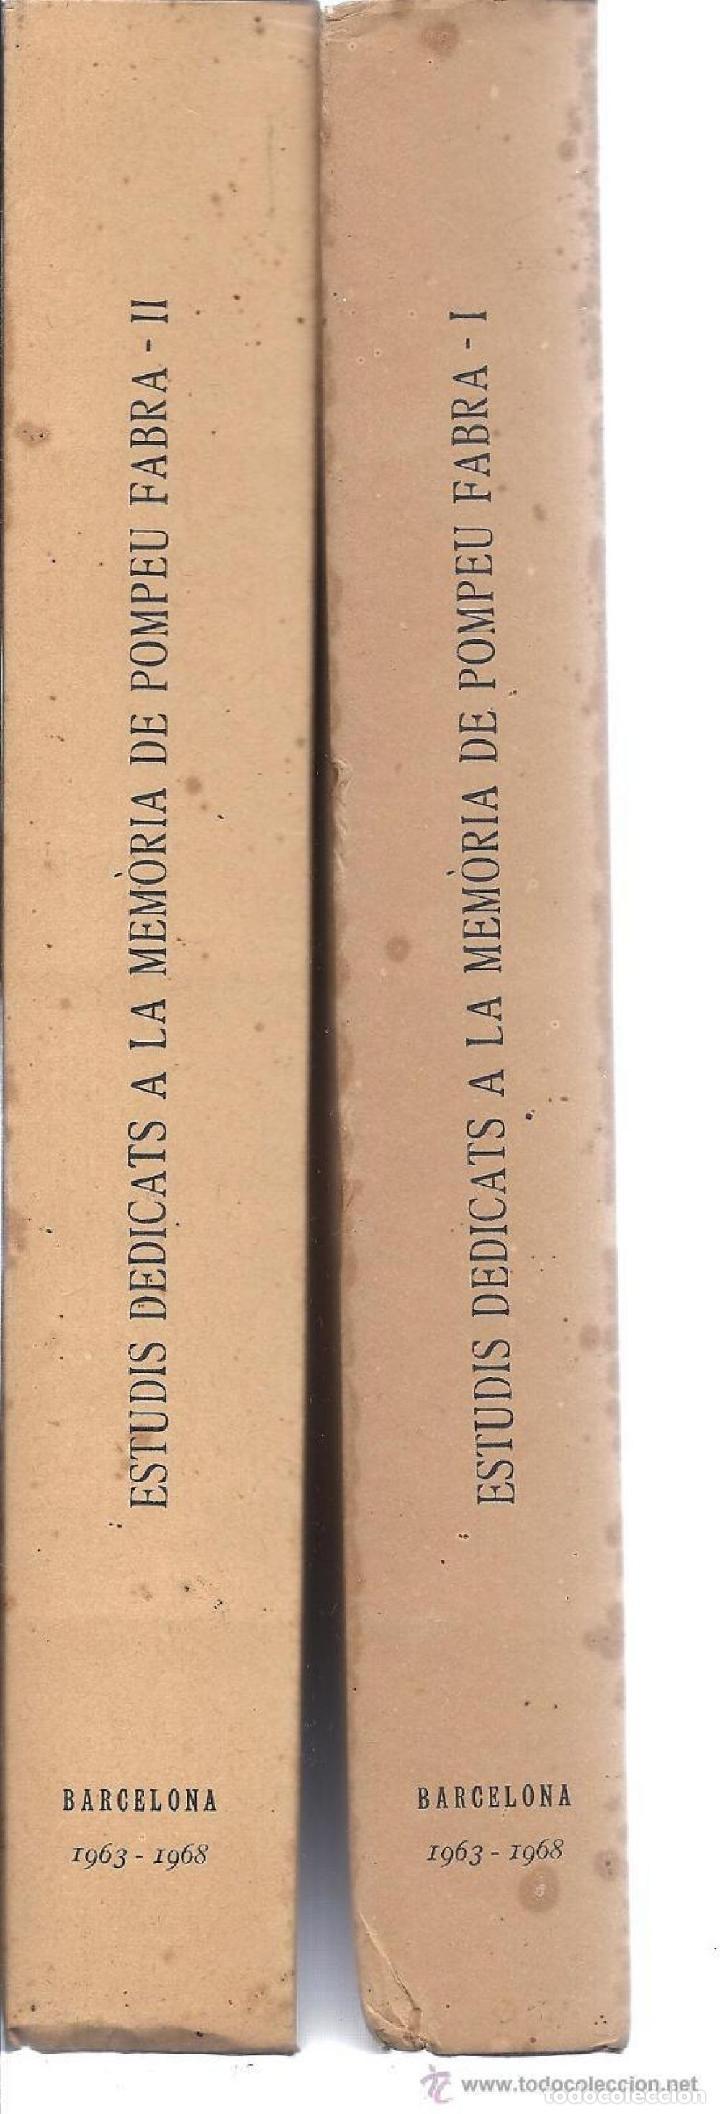 Libros: ESTUDIS DE LINGÜÍSTICA I DE FILOLOGIA CATALANES. R. ARAMON I SERRA. 2 T. 1968. - Foto 2 - 231311885